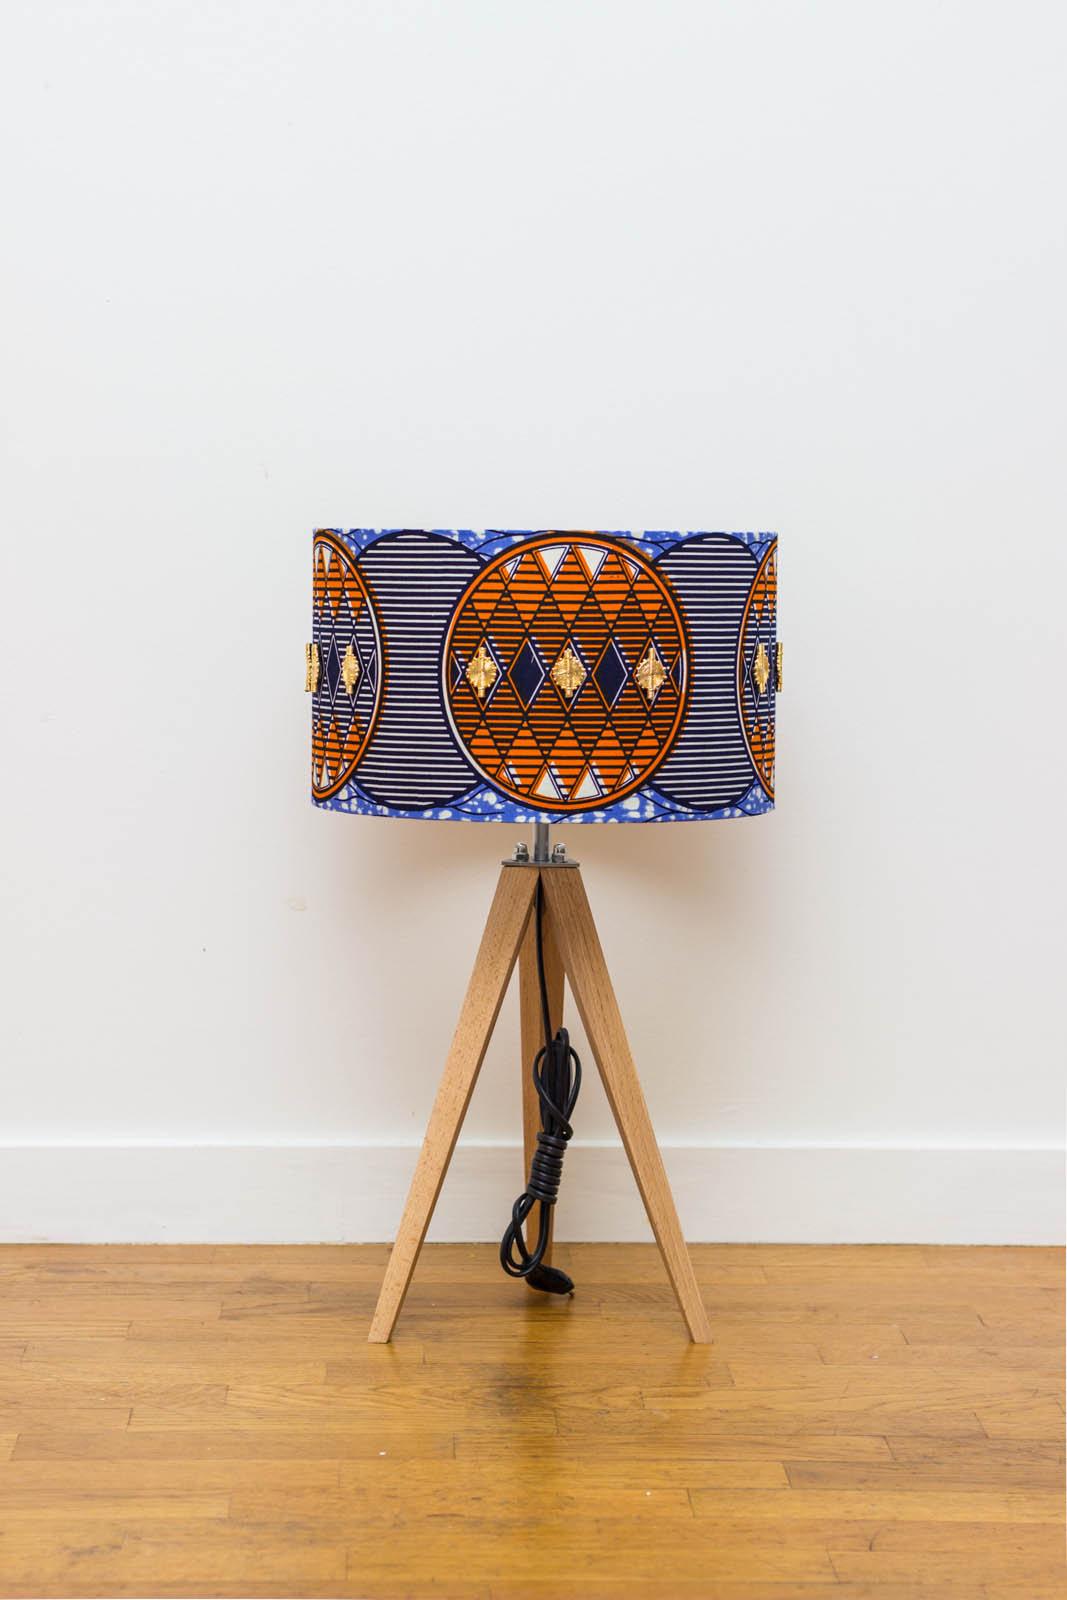 Lampe Table Bois De Wax Trépied AzurettiMcebis iuPTkXOZ